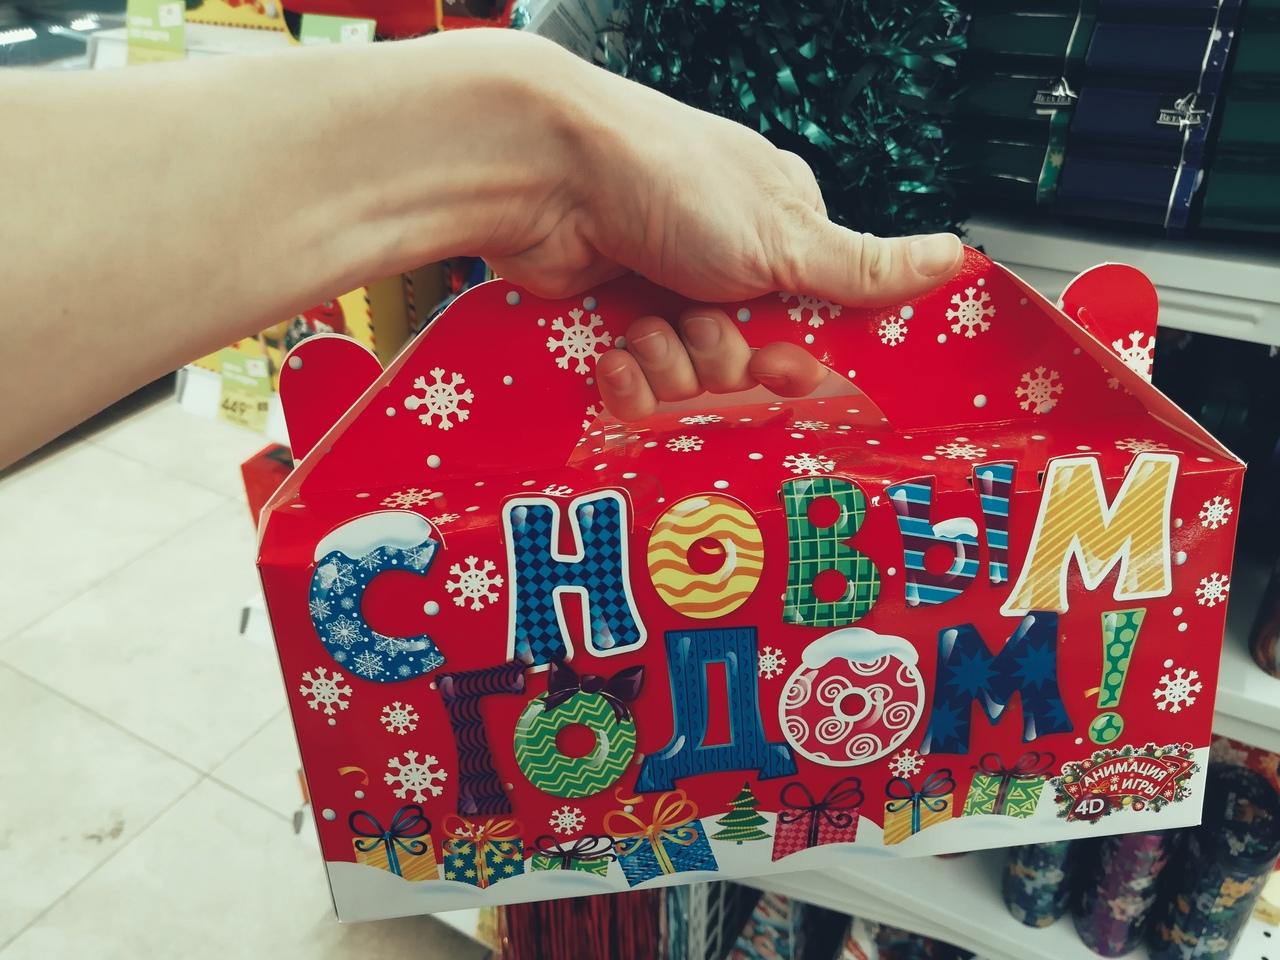 В Роспотребнадзоре рассказали, чего не должно быть в сладком новогоднем подарке